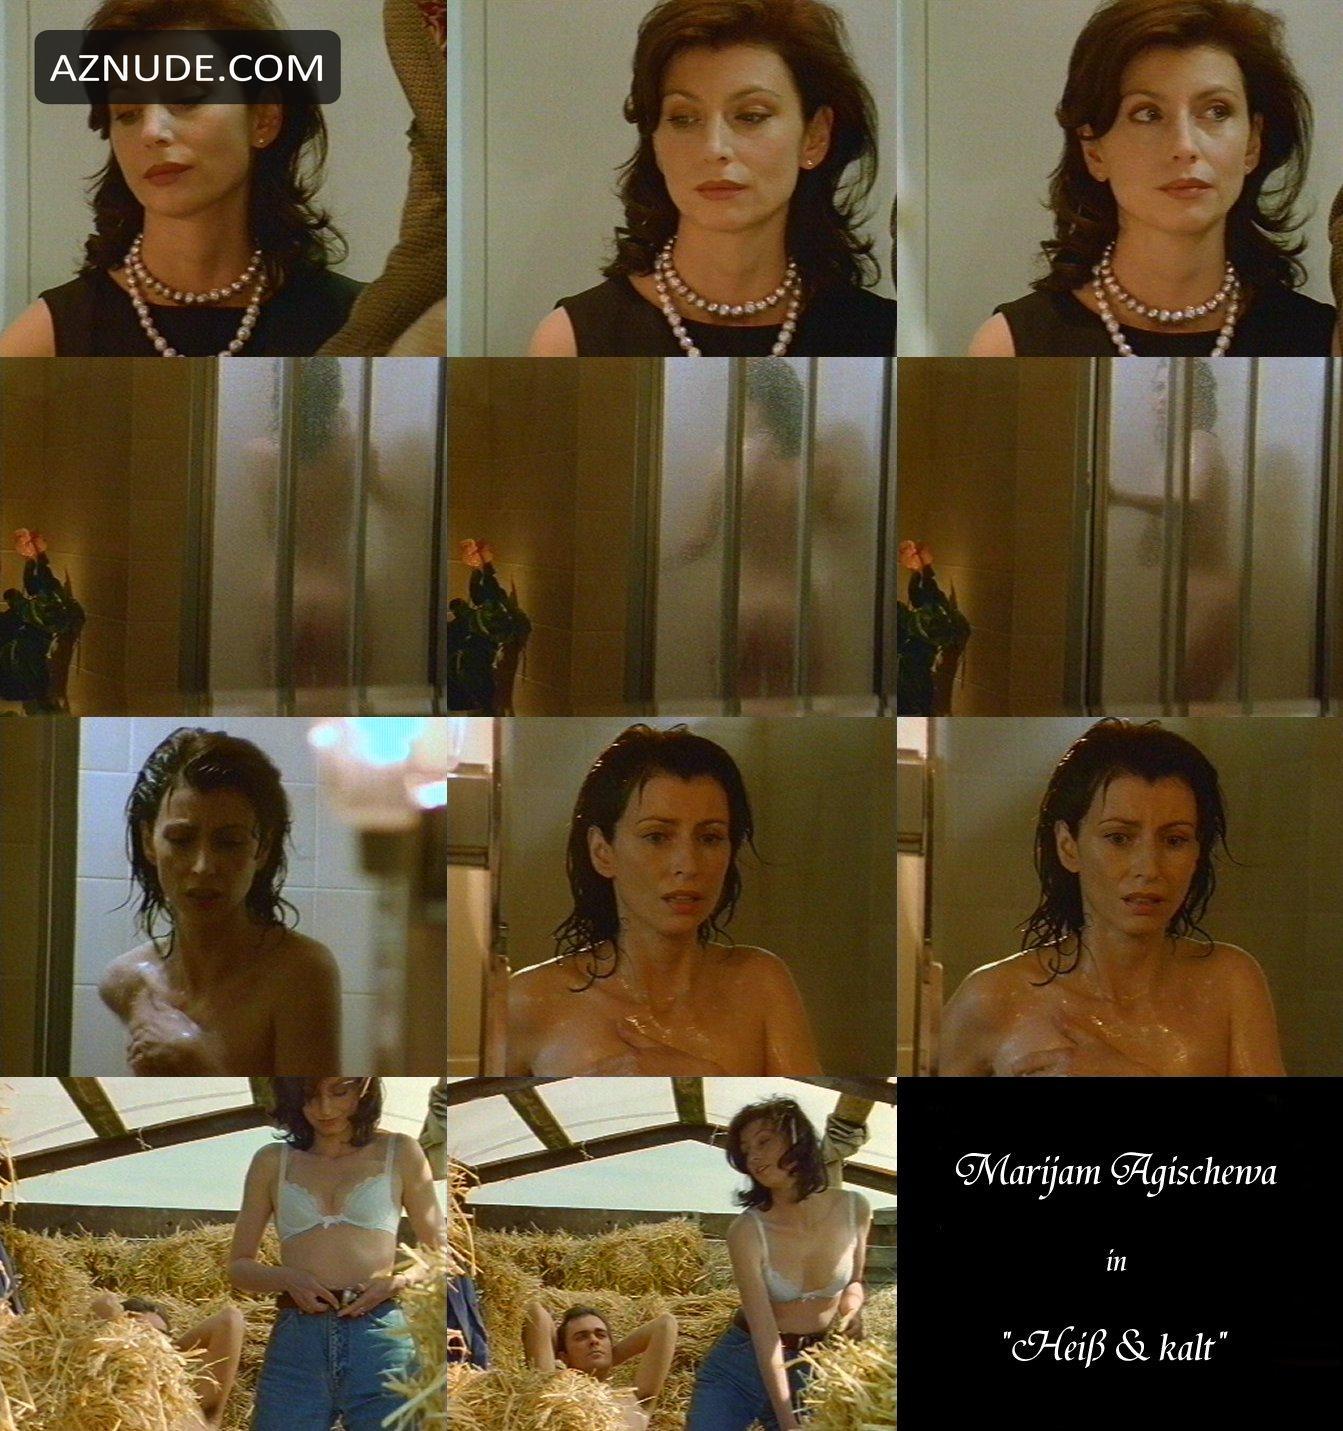 Miriam agischewa nackt